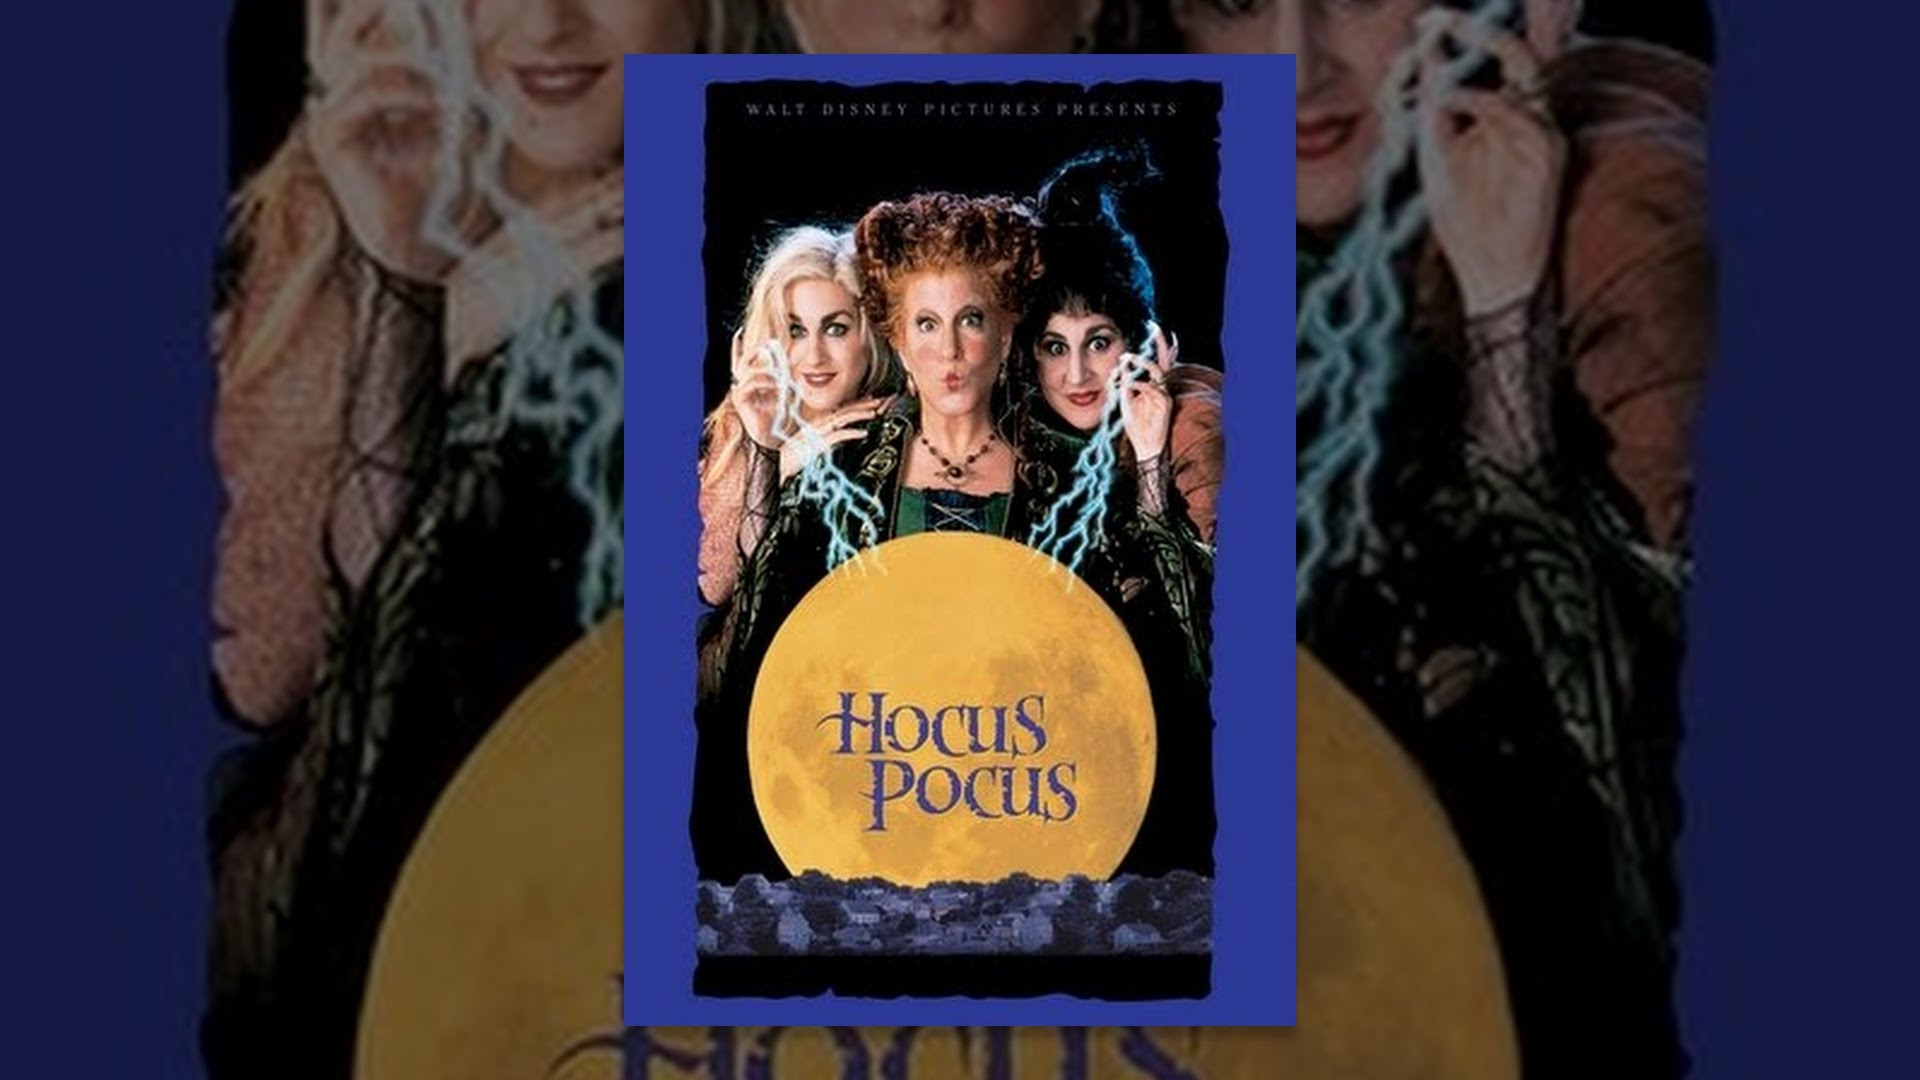 Hocus Pocus - YouTubeVinessa Shaw Hocus Pocus